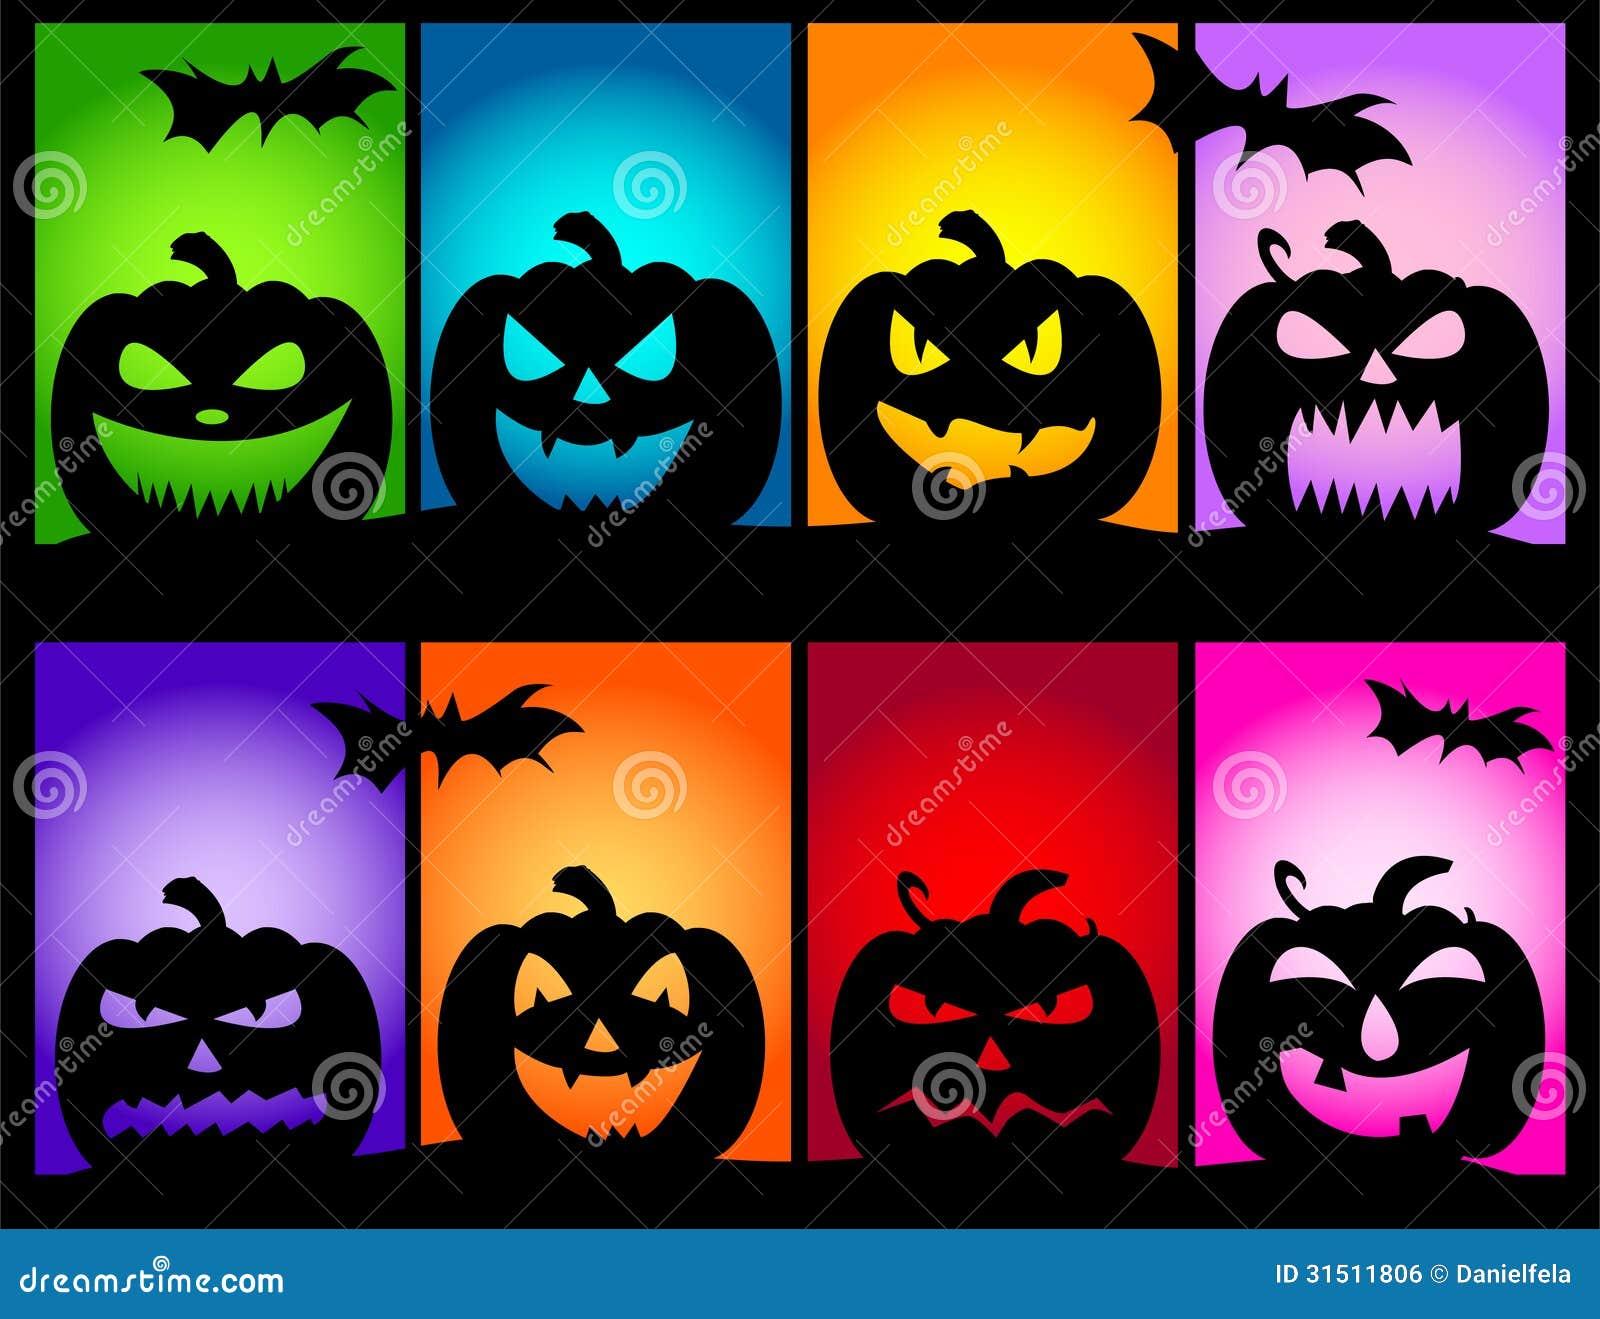 Colores de las calabazas de halloween ilustraci n del - Disenos de calabazas ...